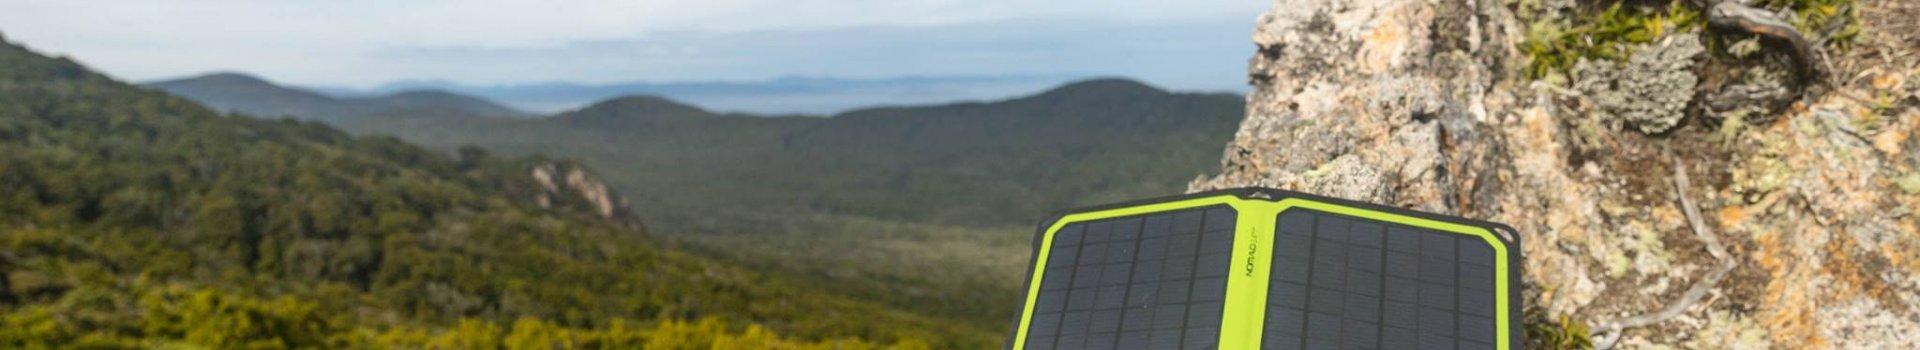 Gdy elektronika zawiedzie - czym wyróżniają się ładowarki solarne?